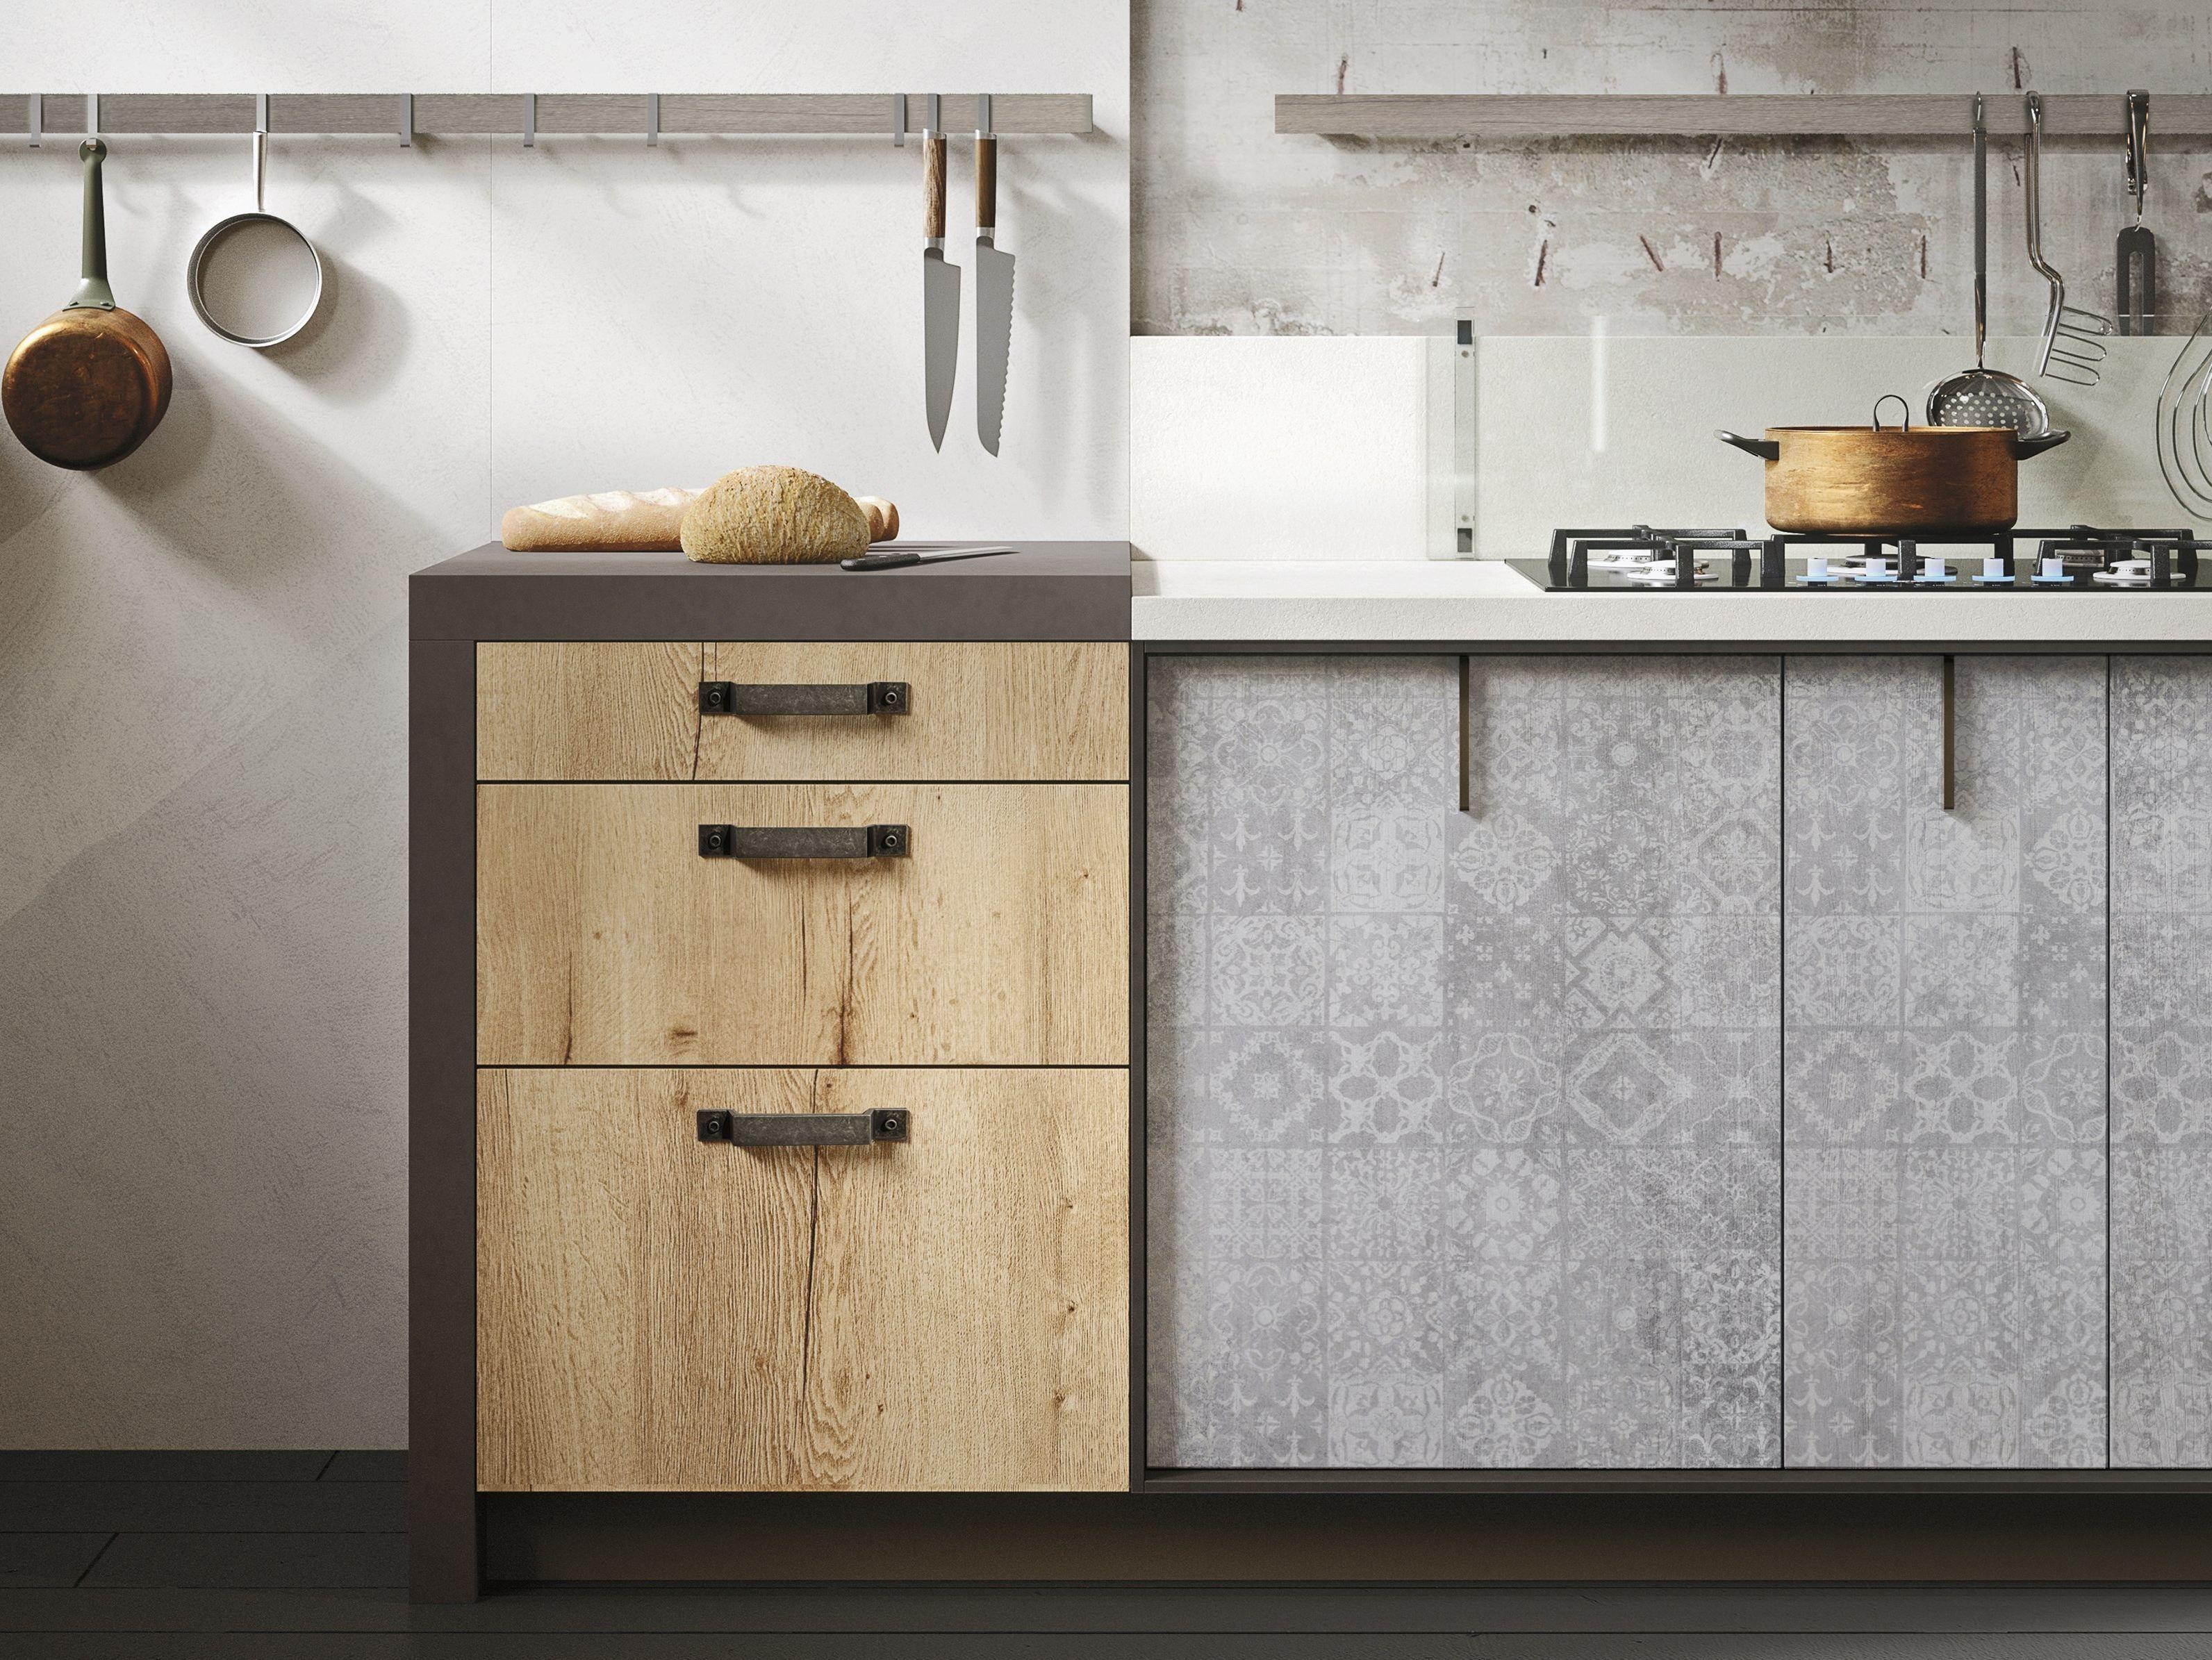 LOFT Zeilen- Küche Kollektion SISTEMA by Snaidero Design Michele ...